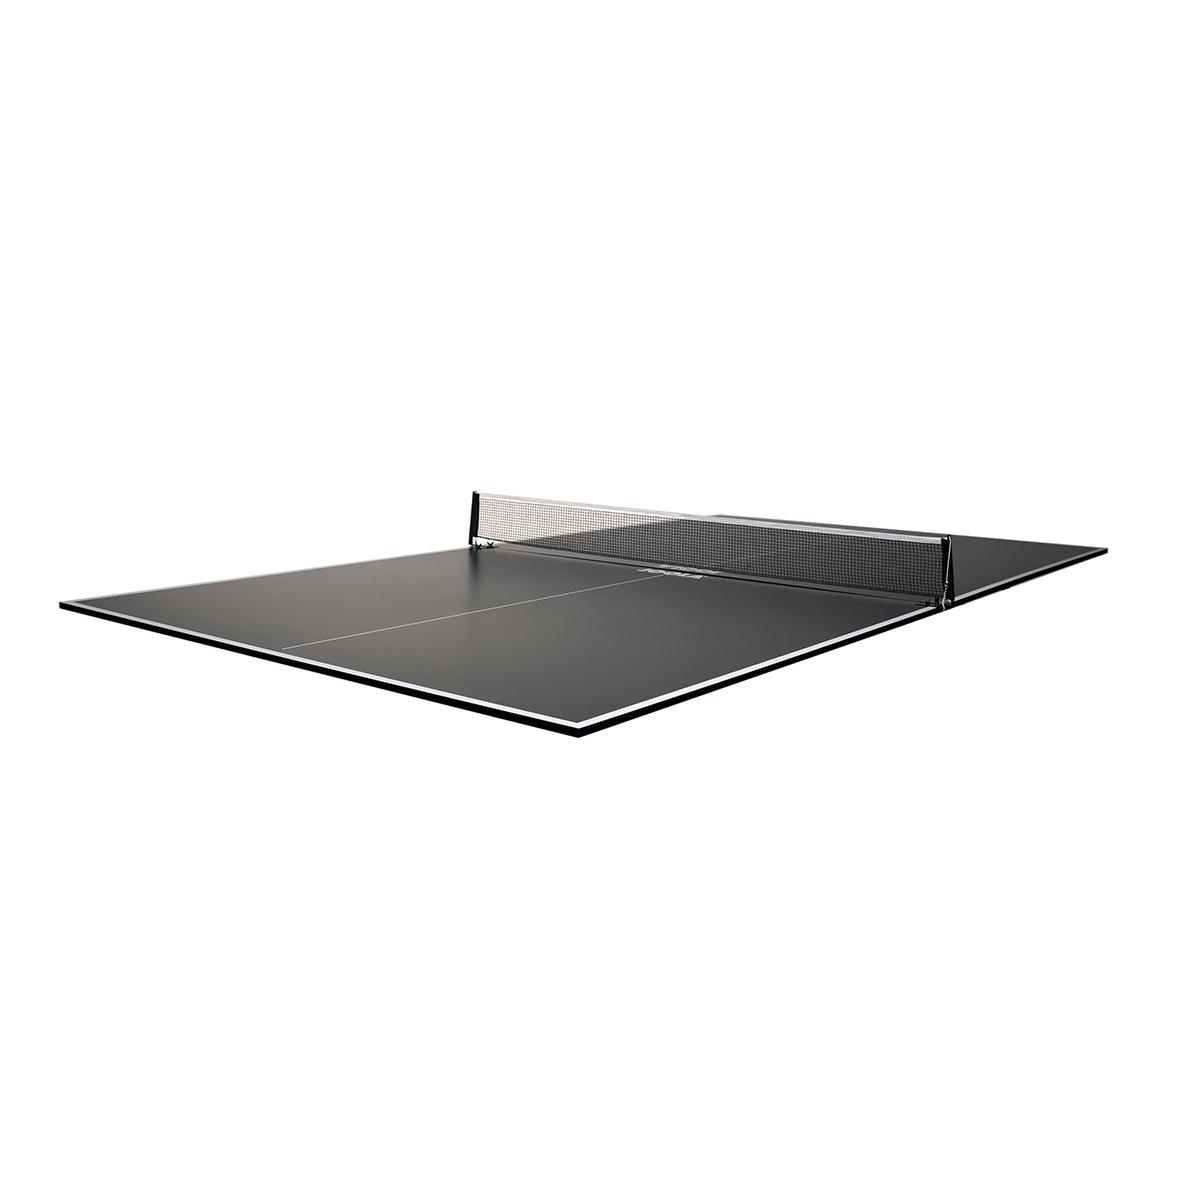 Joola Conversion Ping Pong Table Top 11009